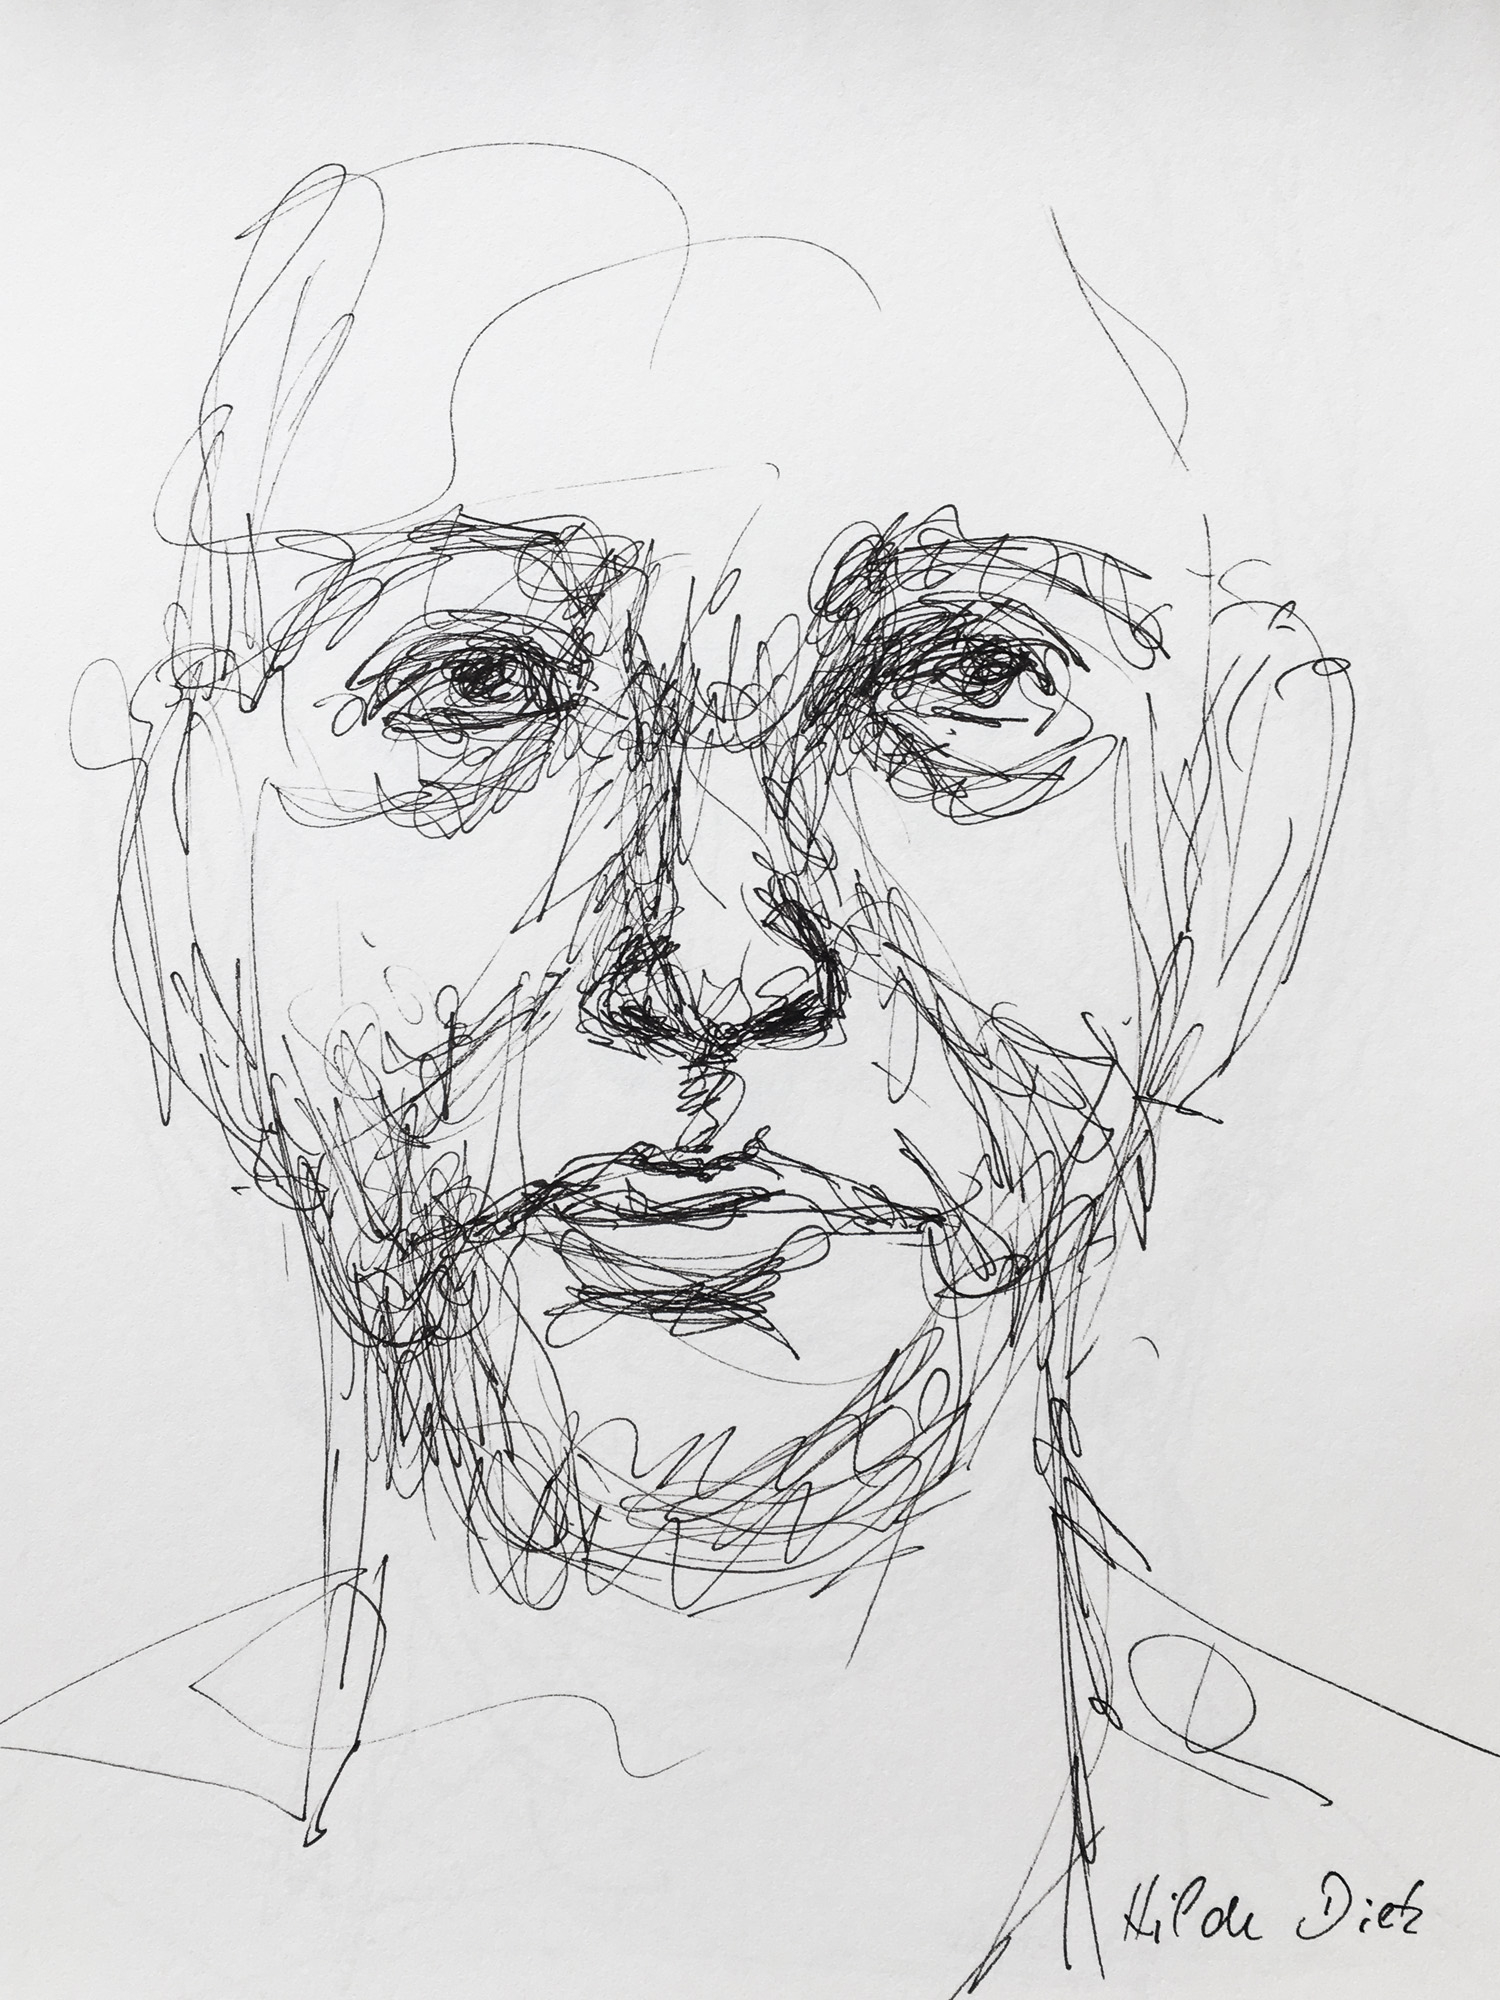 Hilde_Dietz_Menschenbilder_Zeichnung_Skizzen_2_10.jpg